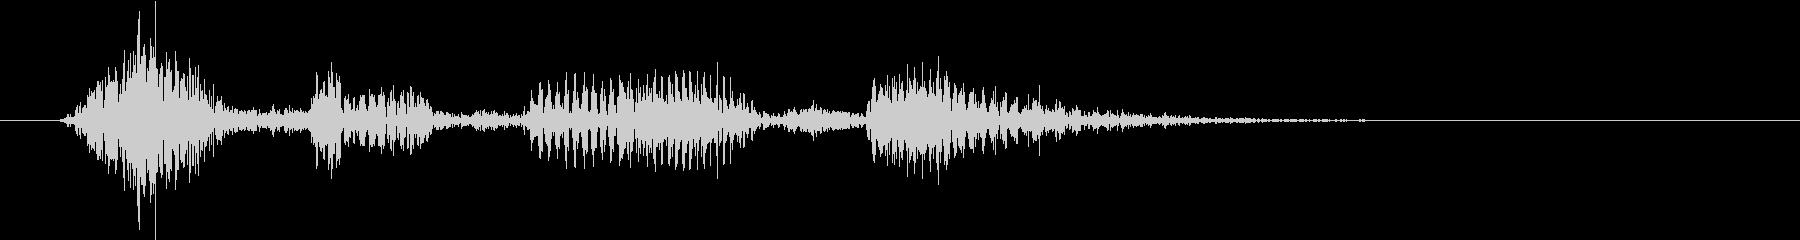 ウェルカム トゥ マイ チャンネルの未再生の波形